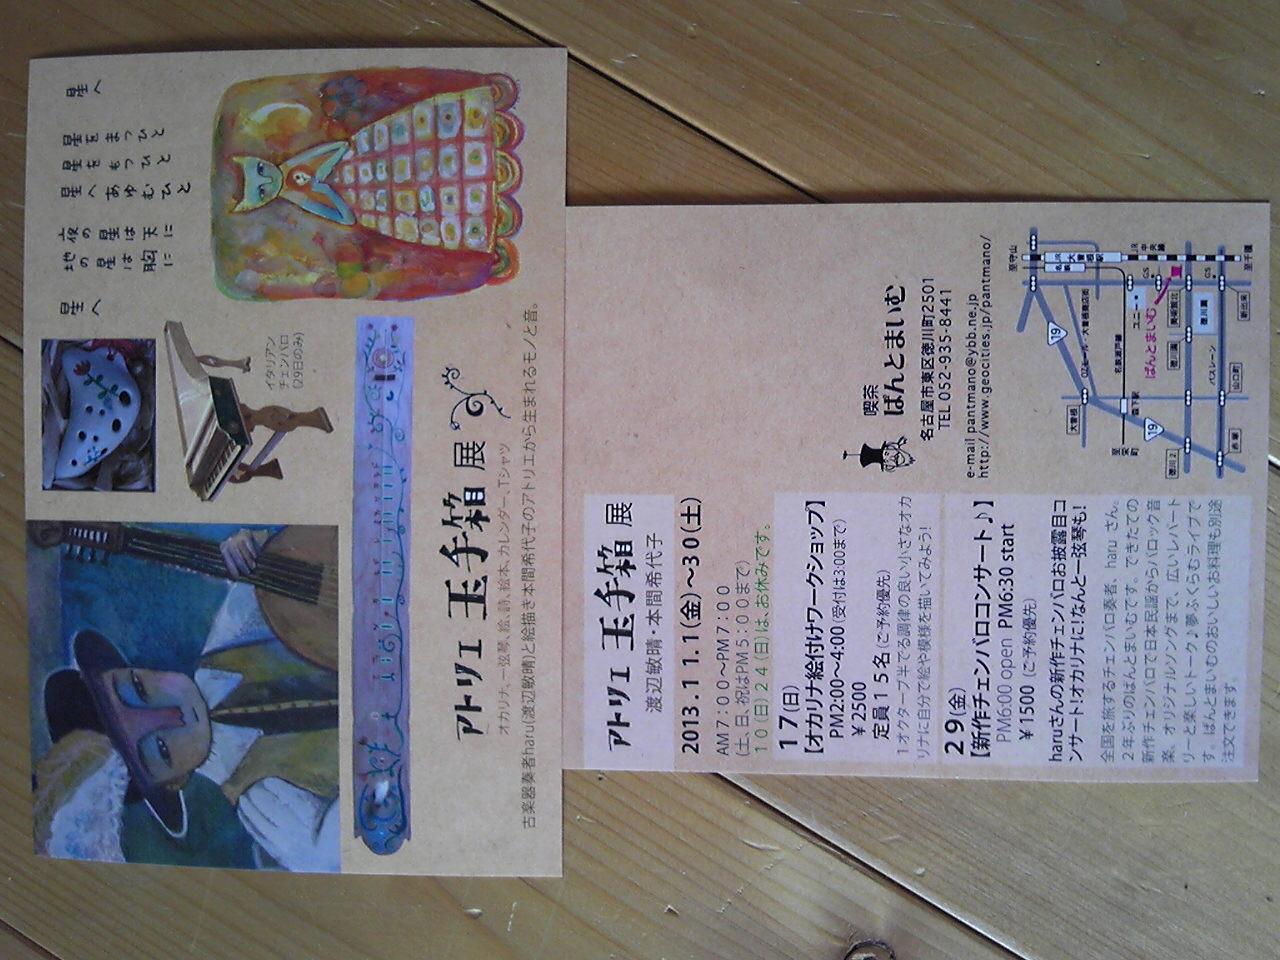 喫茶ぱんとまいむで「アトリエ玉手箱展」開催中!